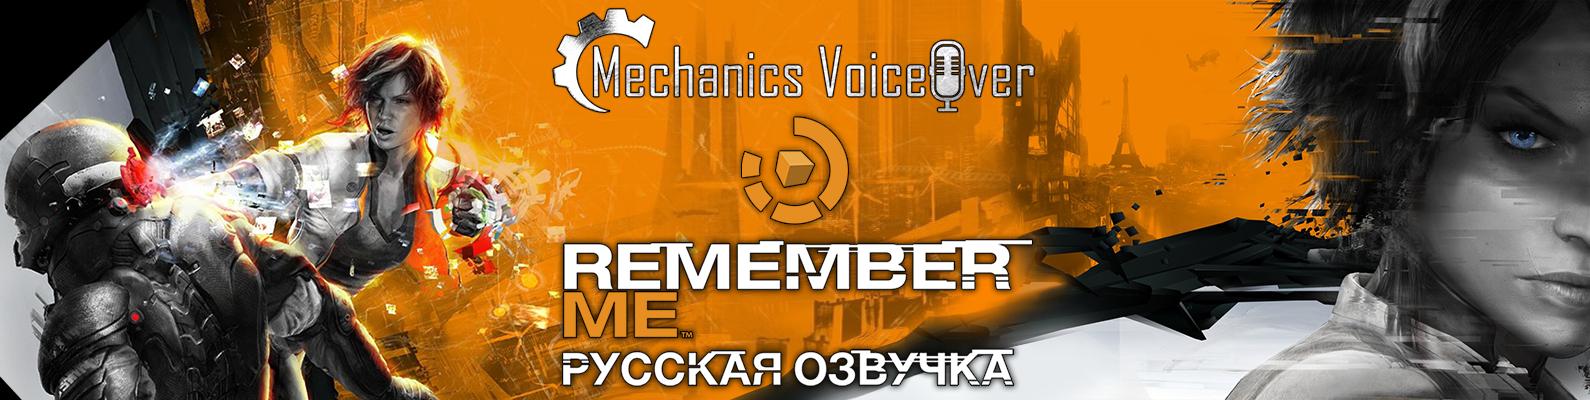 Remember Me - Демонстрация голосов Ольги и Томми